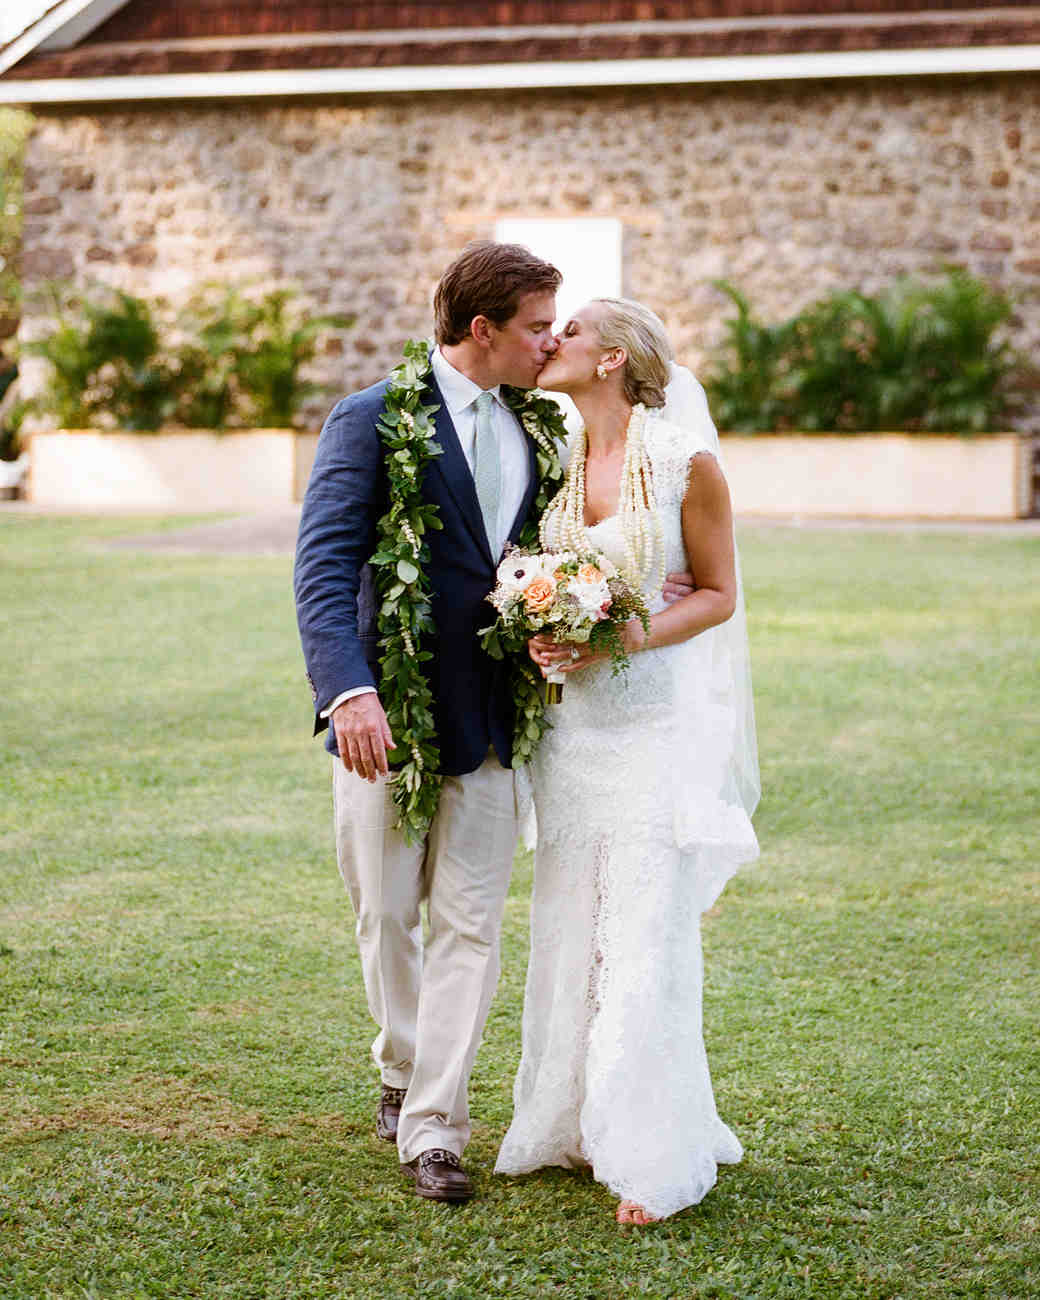 bf621a9f87 A Traditional Hawaiian Destination Wedding in Maui | Martha Stewart ...